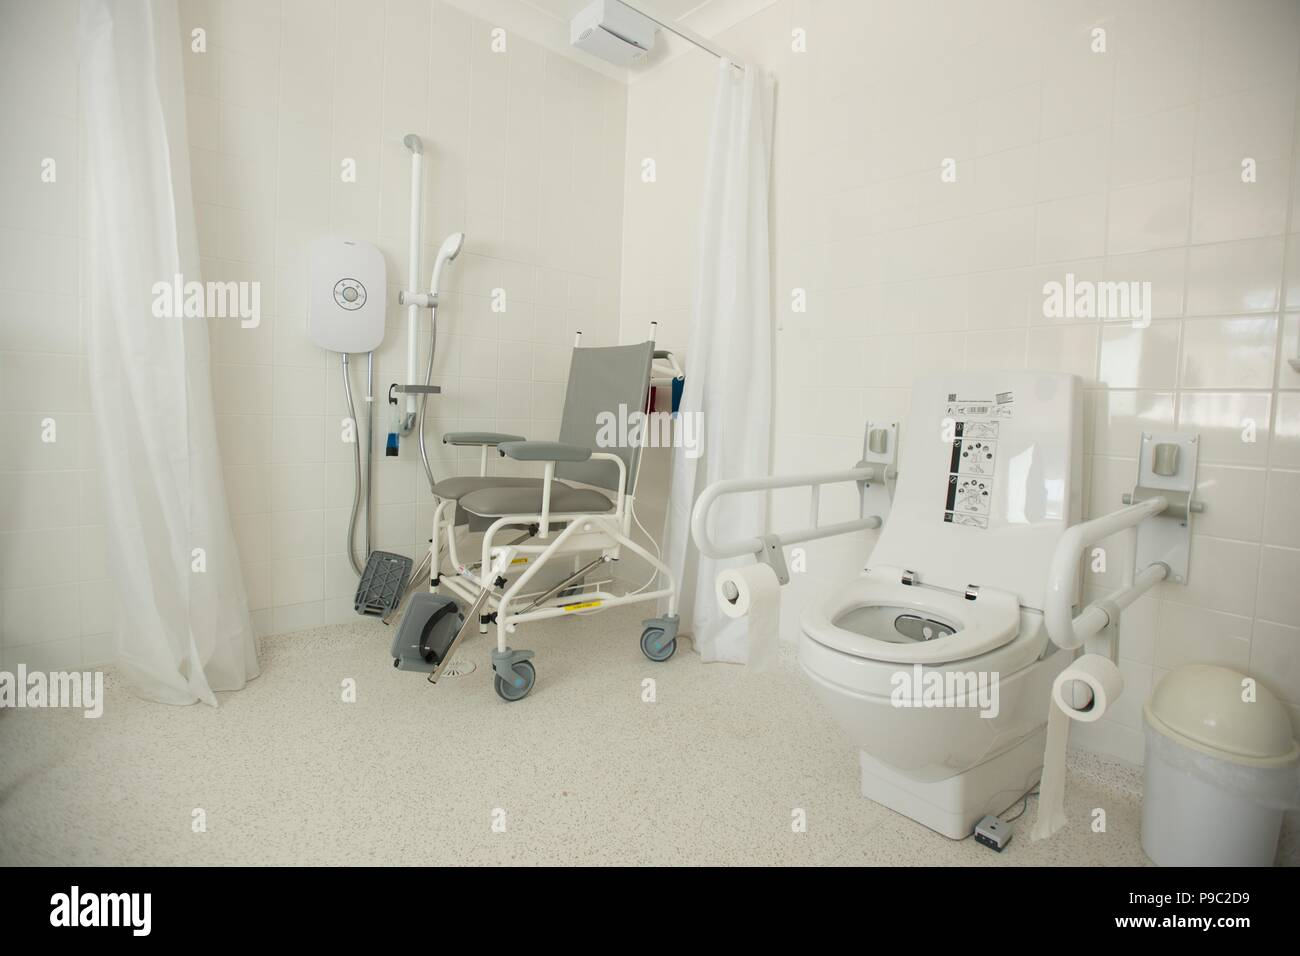 Bagno per disabili e doccia a casa di una persona disabile foto